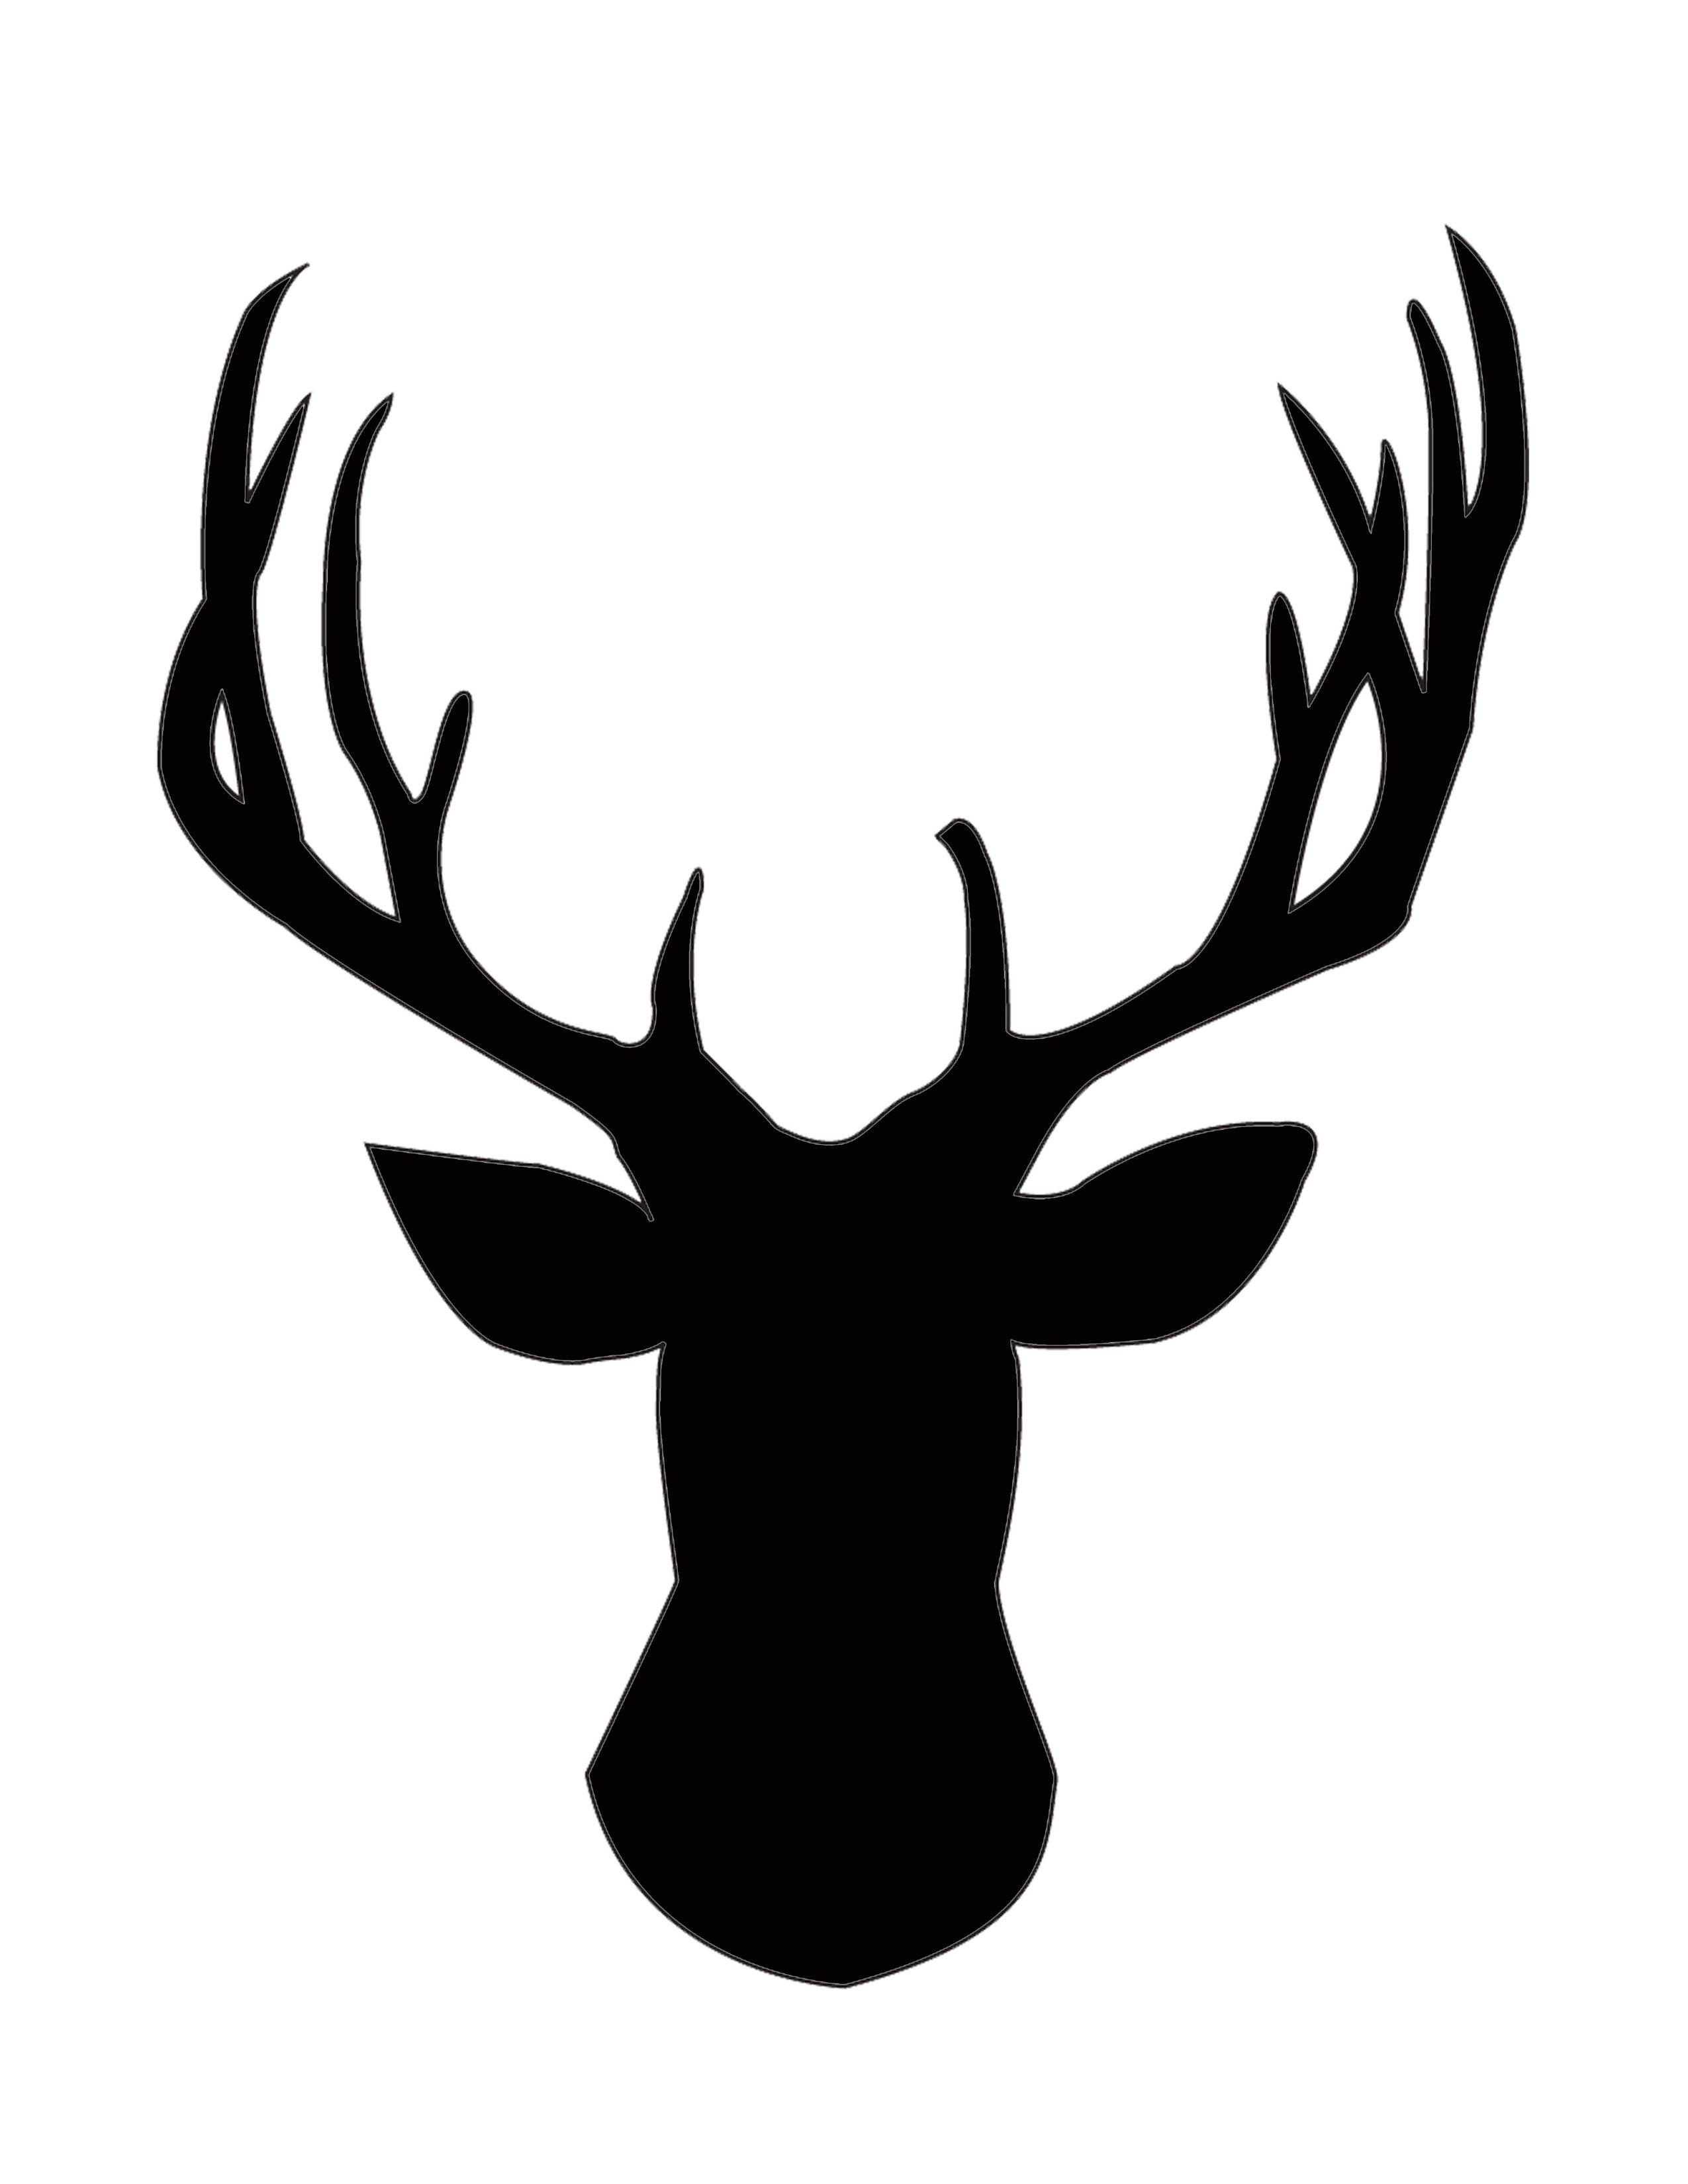 deer silhouette free at getdrawings com free for personal use deer rh getdrawings com deer head clipart free deer head clip art free